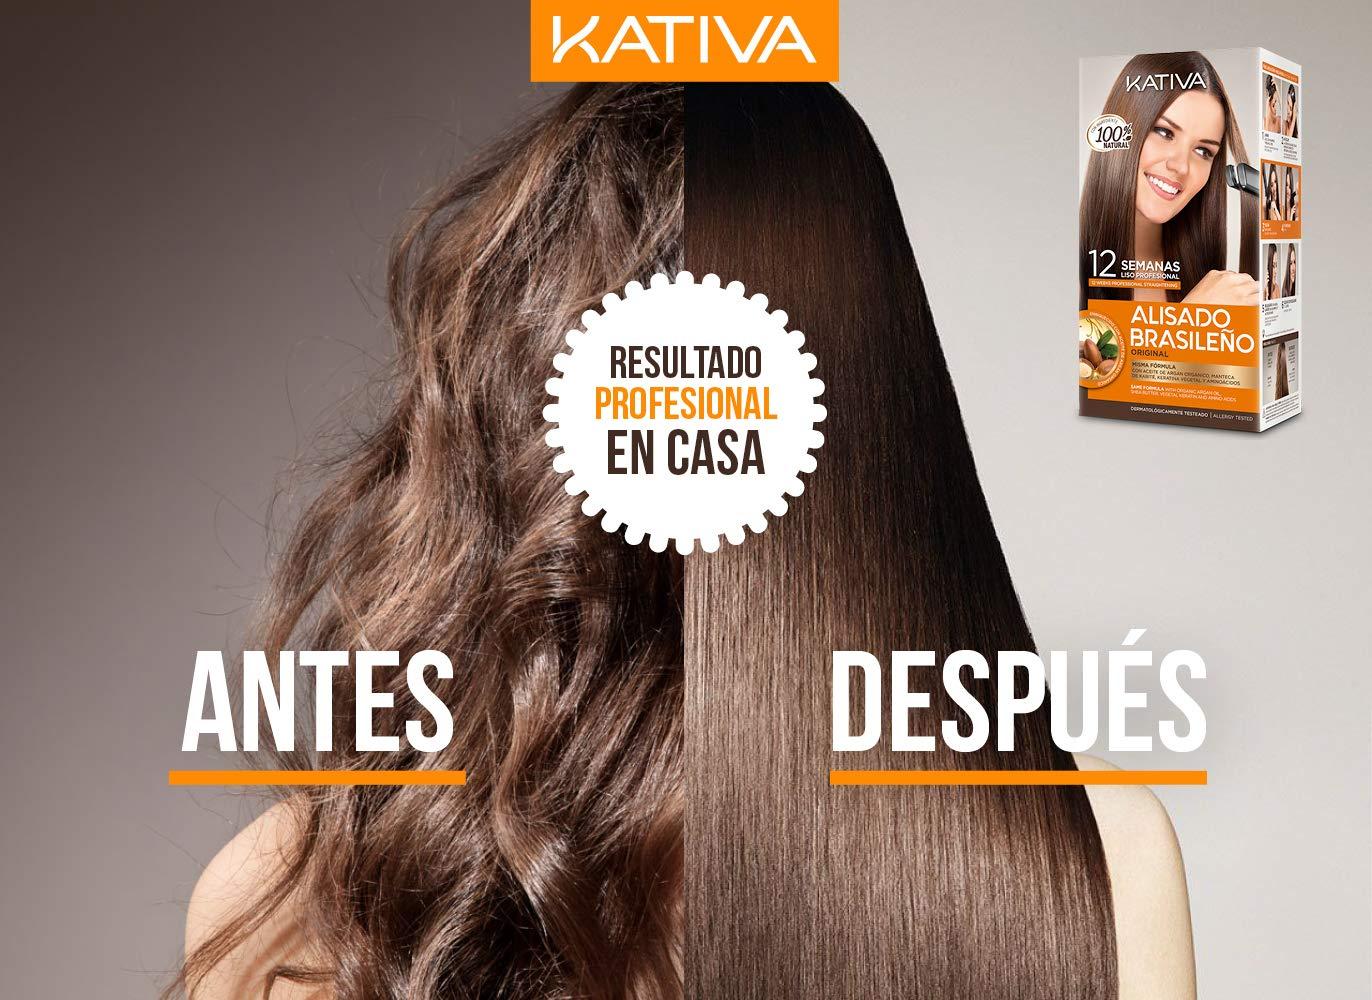 Pack ahorro Kativa Kit Alisado Brasileño con Champú Post Alisado - Tratamiento Alisado Profesional en casa - Hasta 12 Semanas de duración - Alisado ...